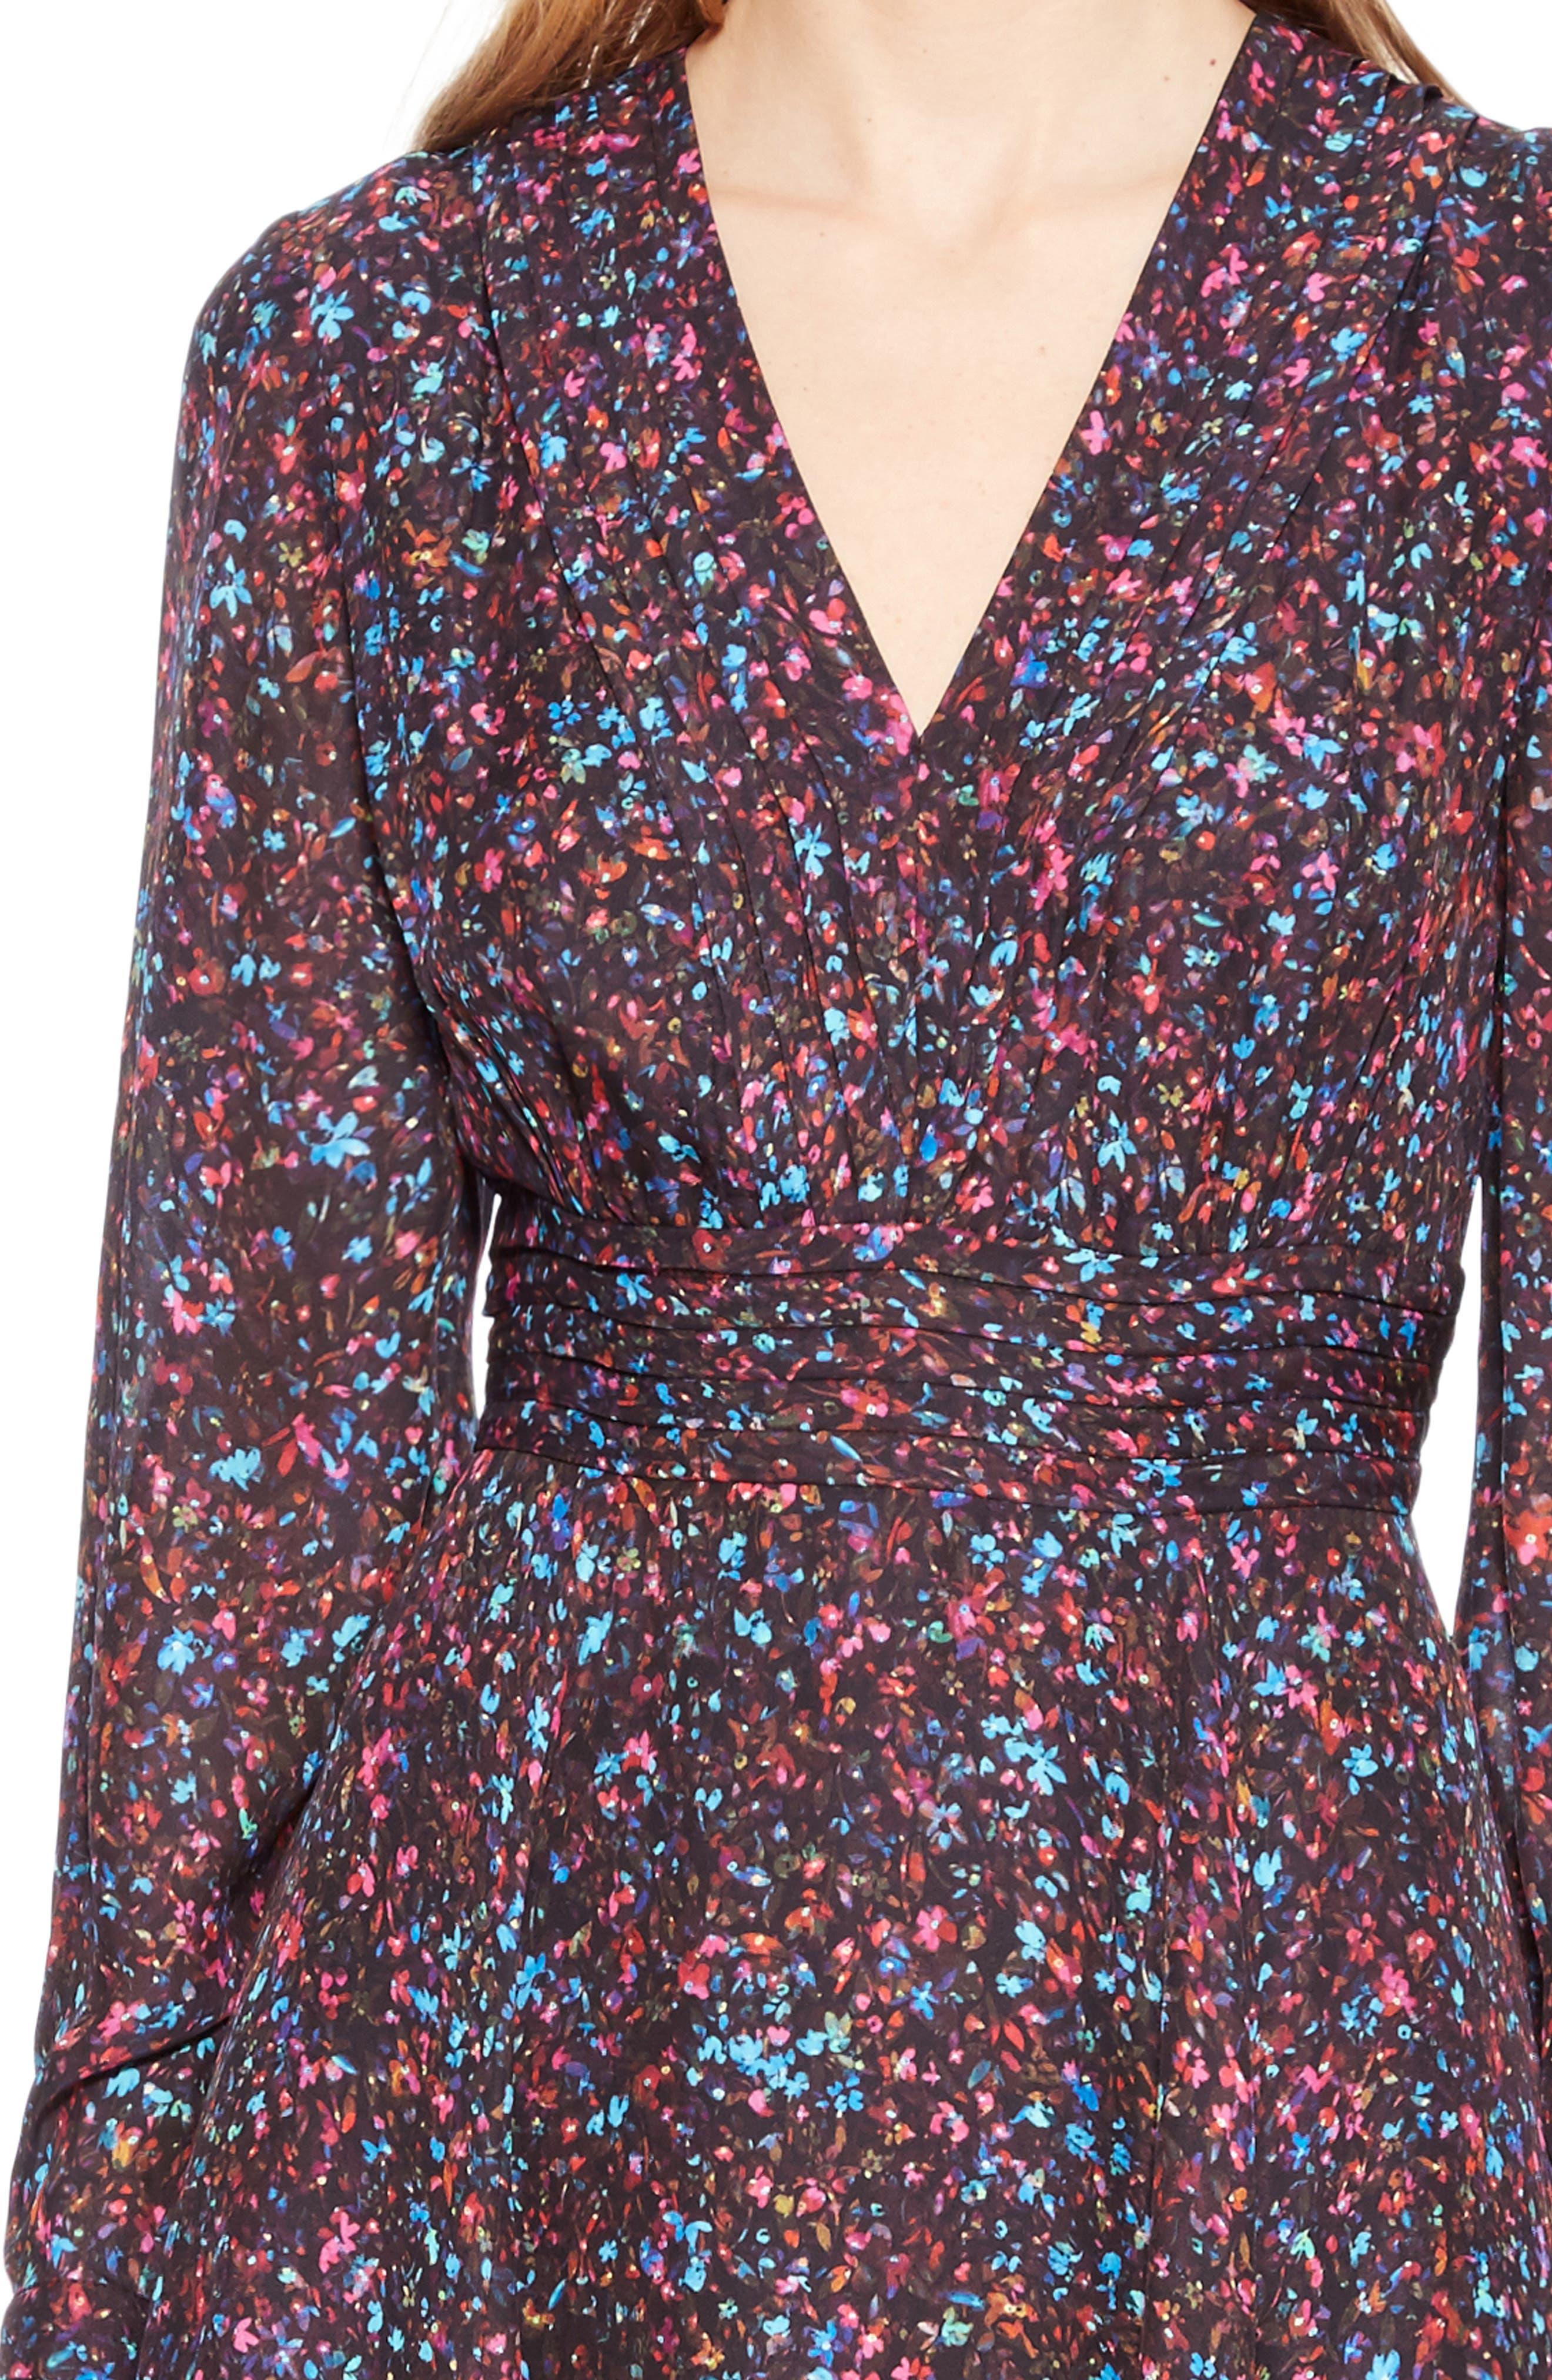 Evanna Floral Print Midi Dress,                             Alternate thumbnail 4, color,                             MINI DITSY